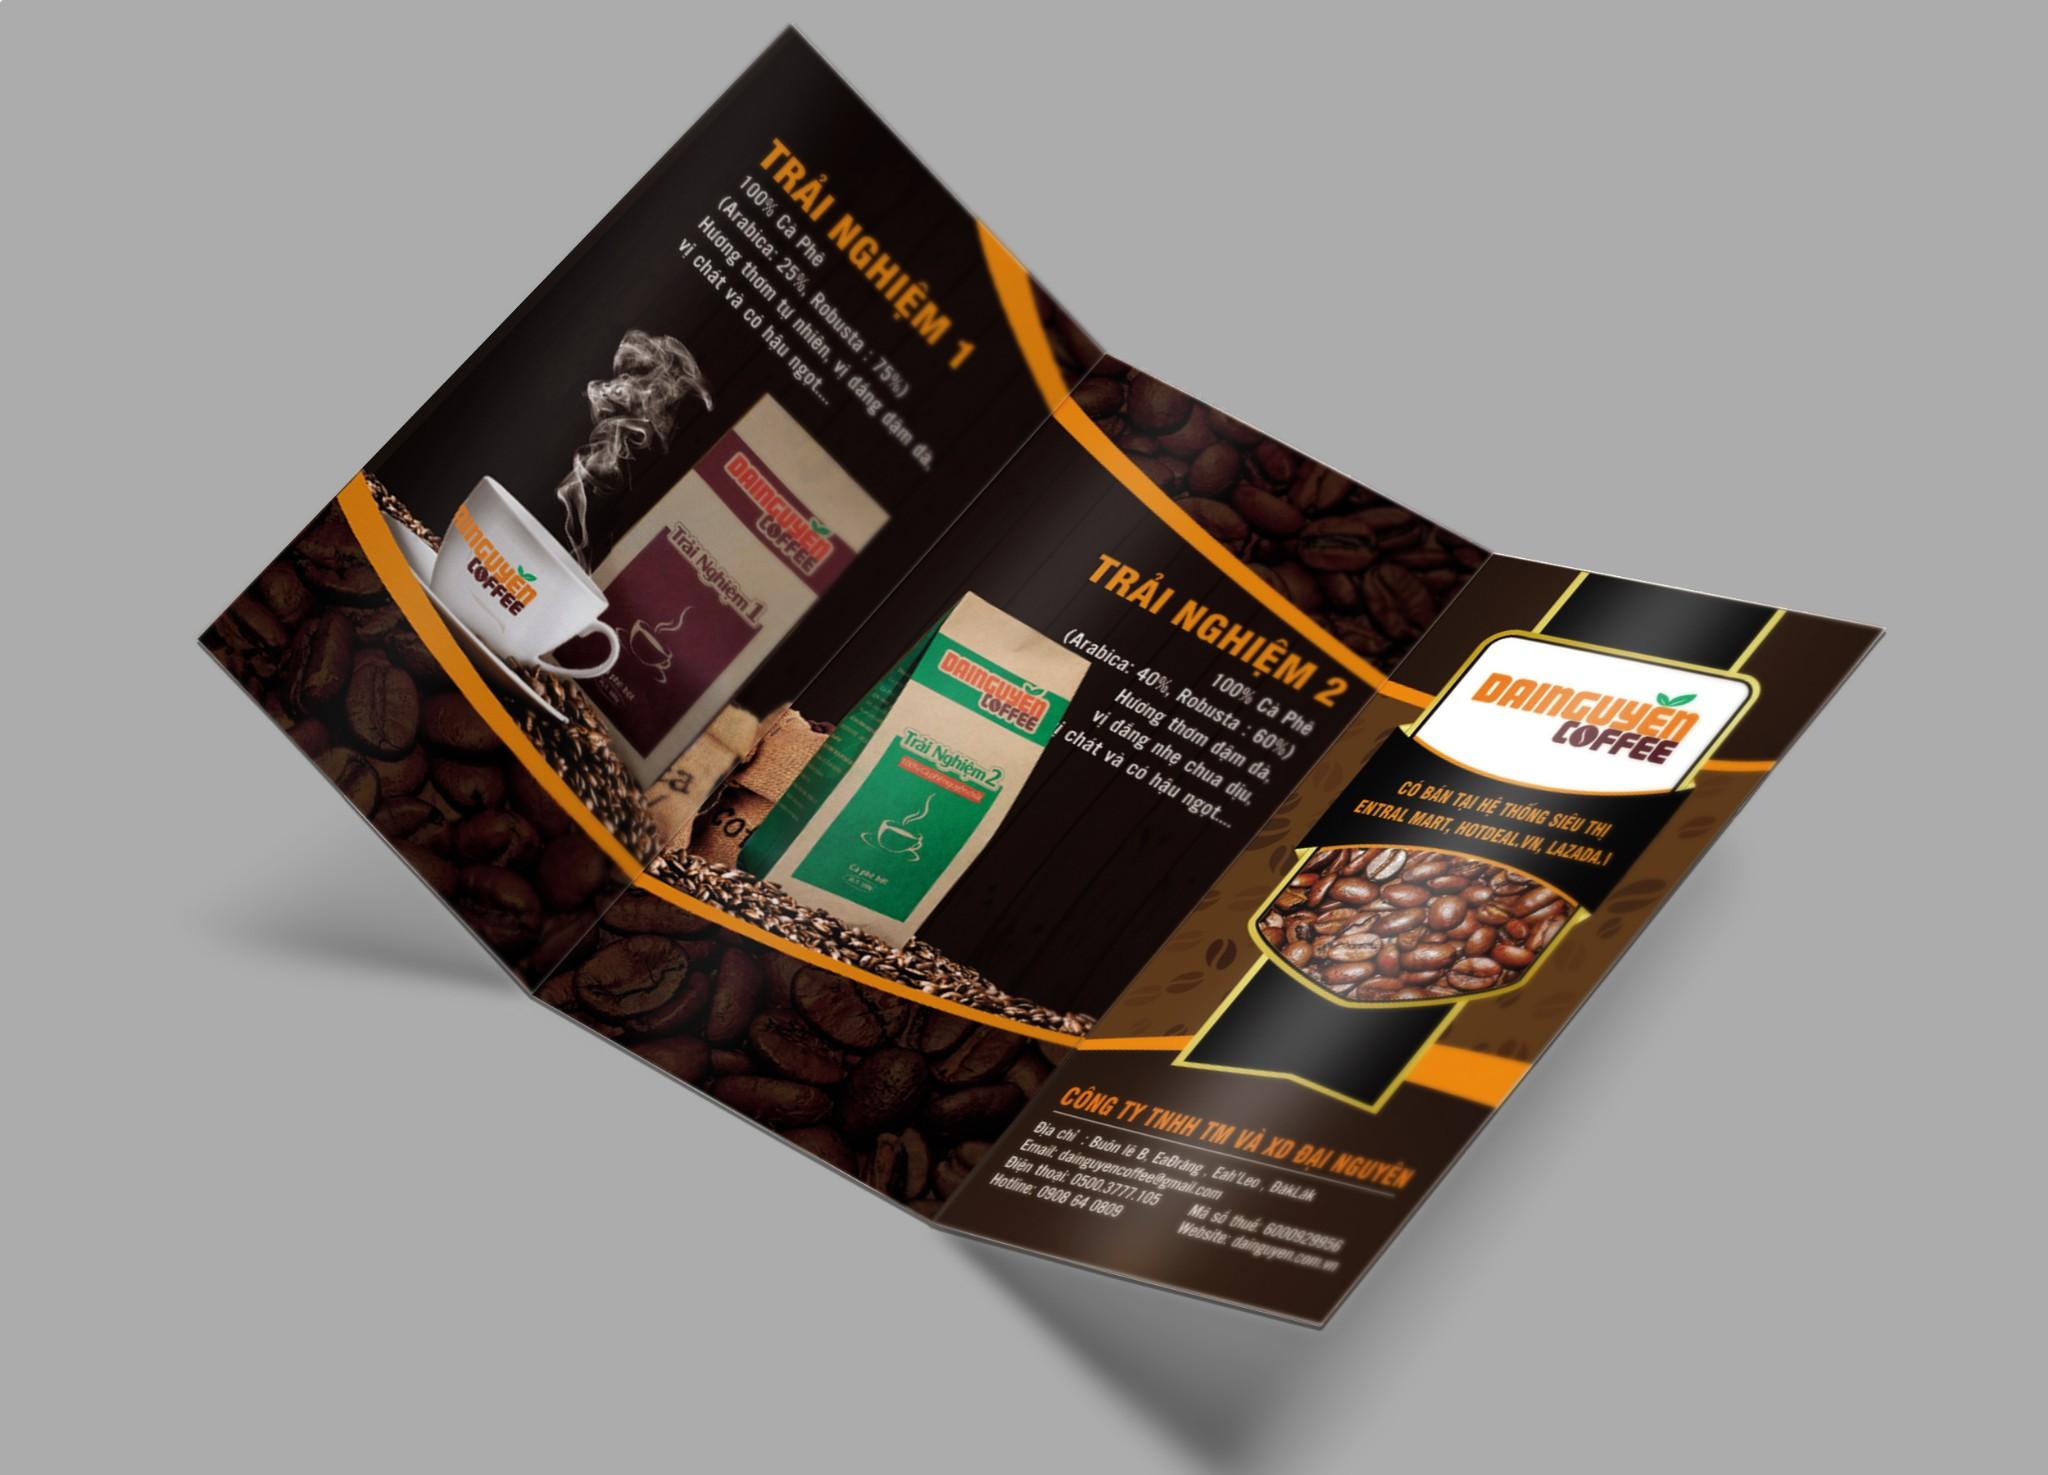 Tất tần tật các thông tin cần biết về giấy couches trong in ấn